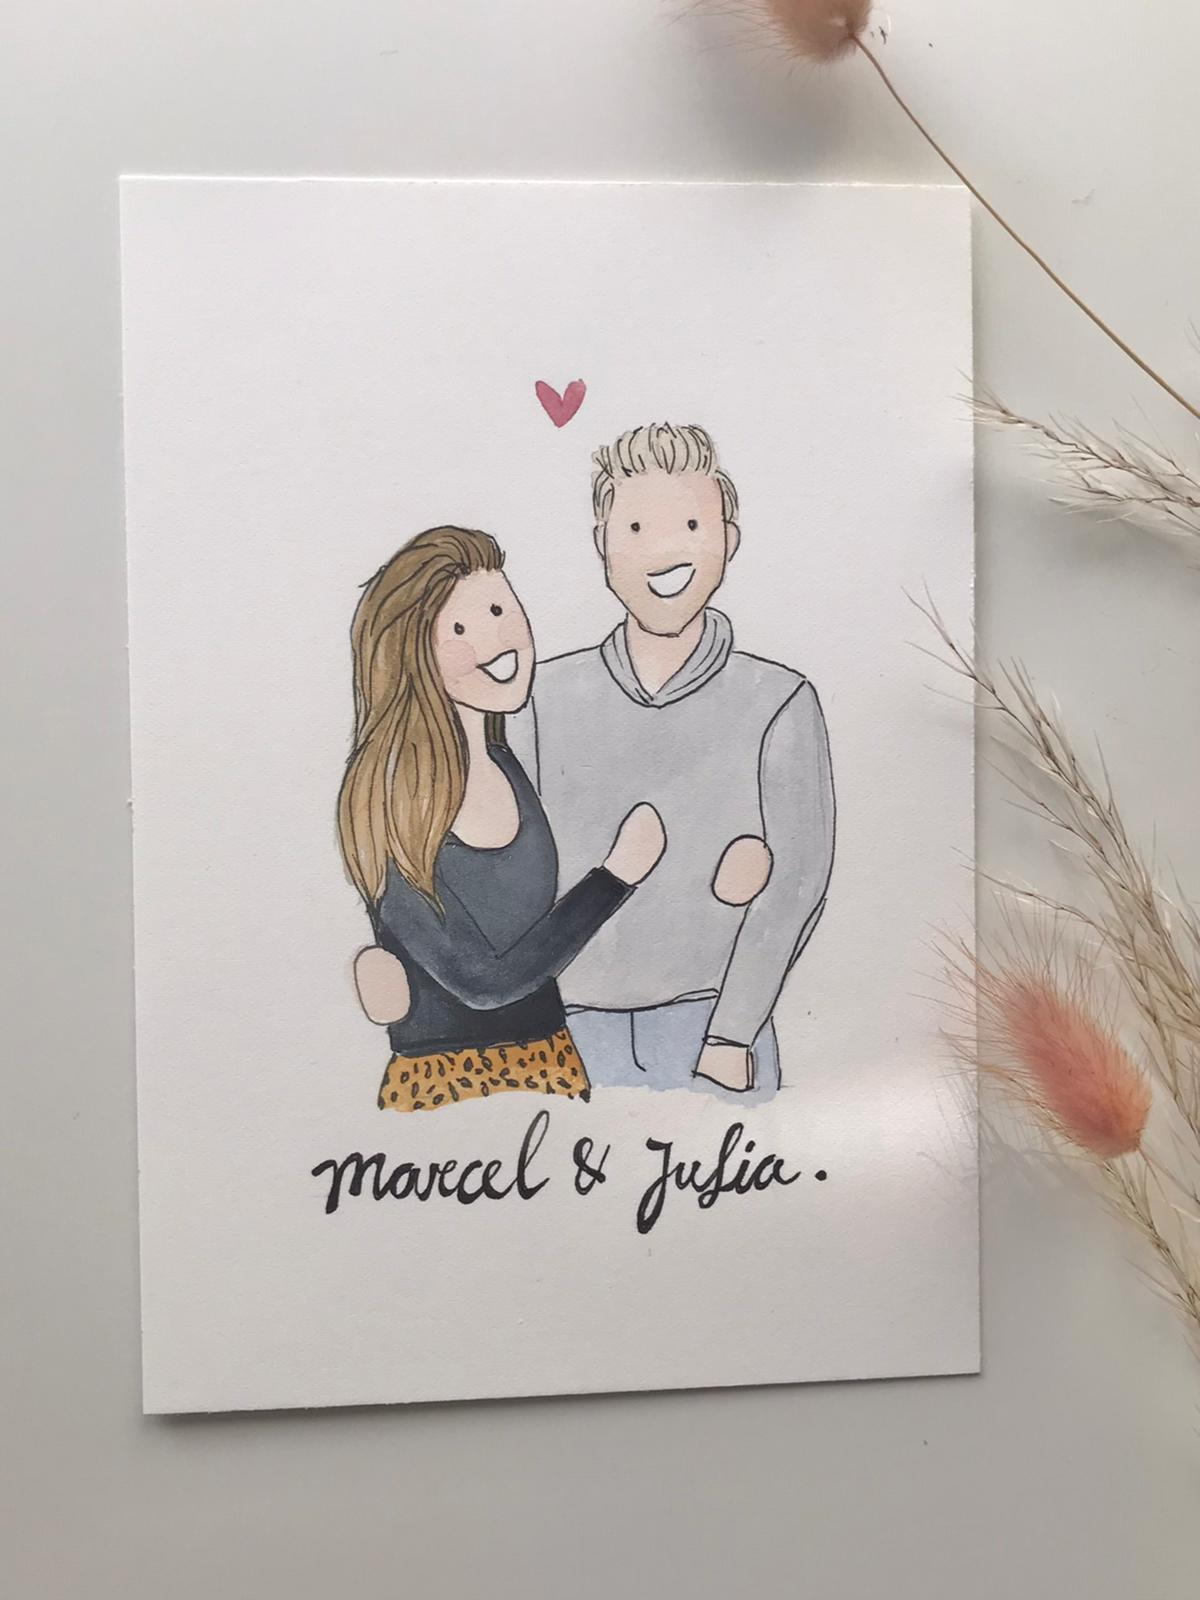 persoonlijke illustratie valentijn cadeau liefde stel koppel jubileum